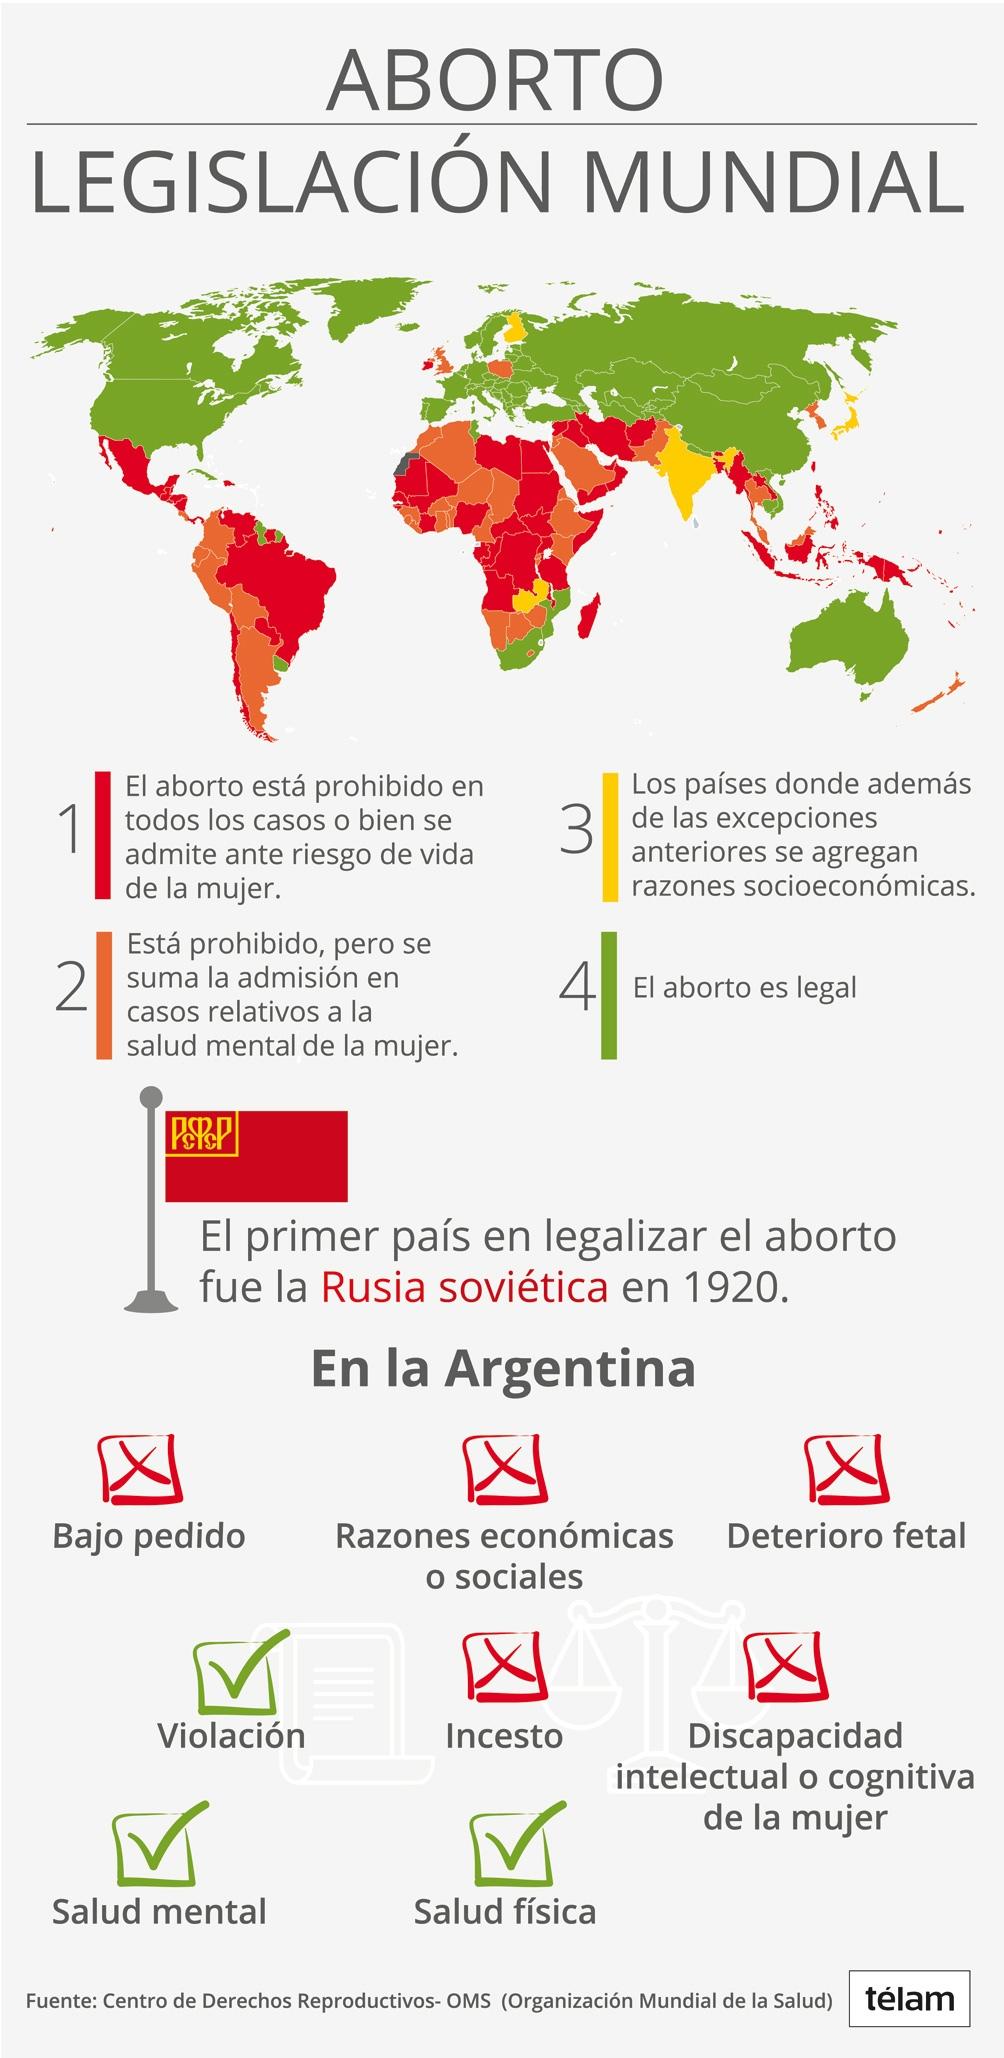 Aclaración: en septiembre de 2017 Chile aprobó la despenalización en tres causales: riesgo de vida de la madre, inviabilidad fetal y violación.